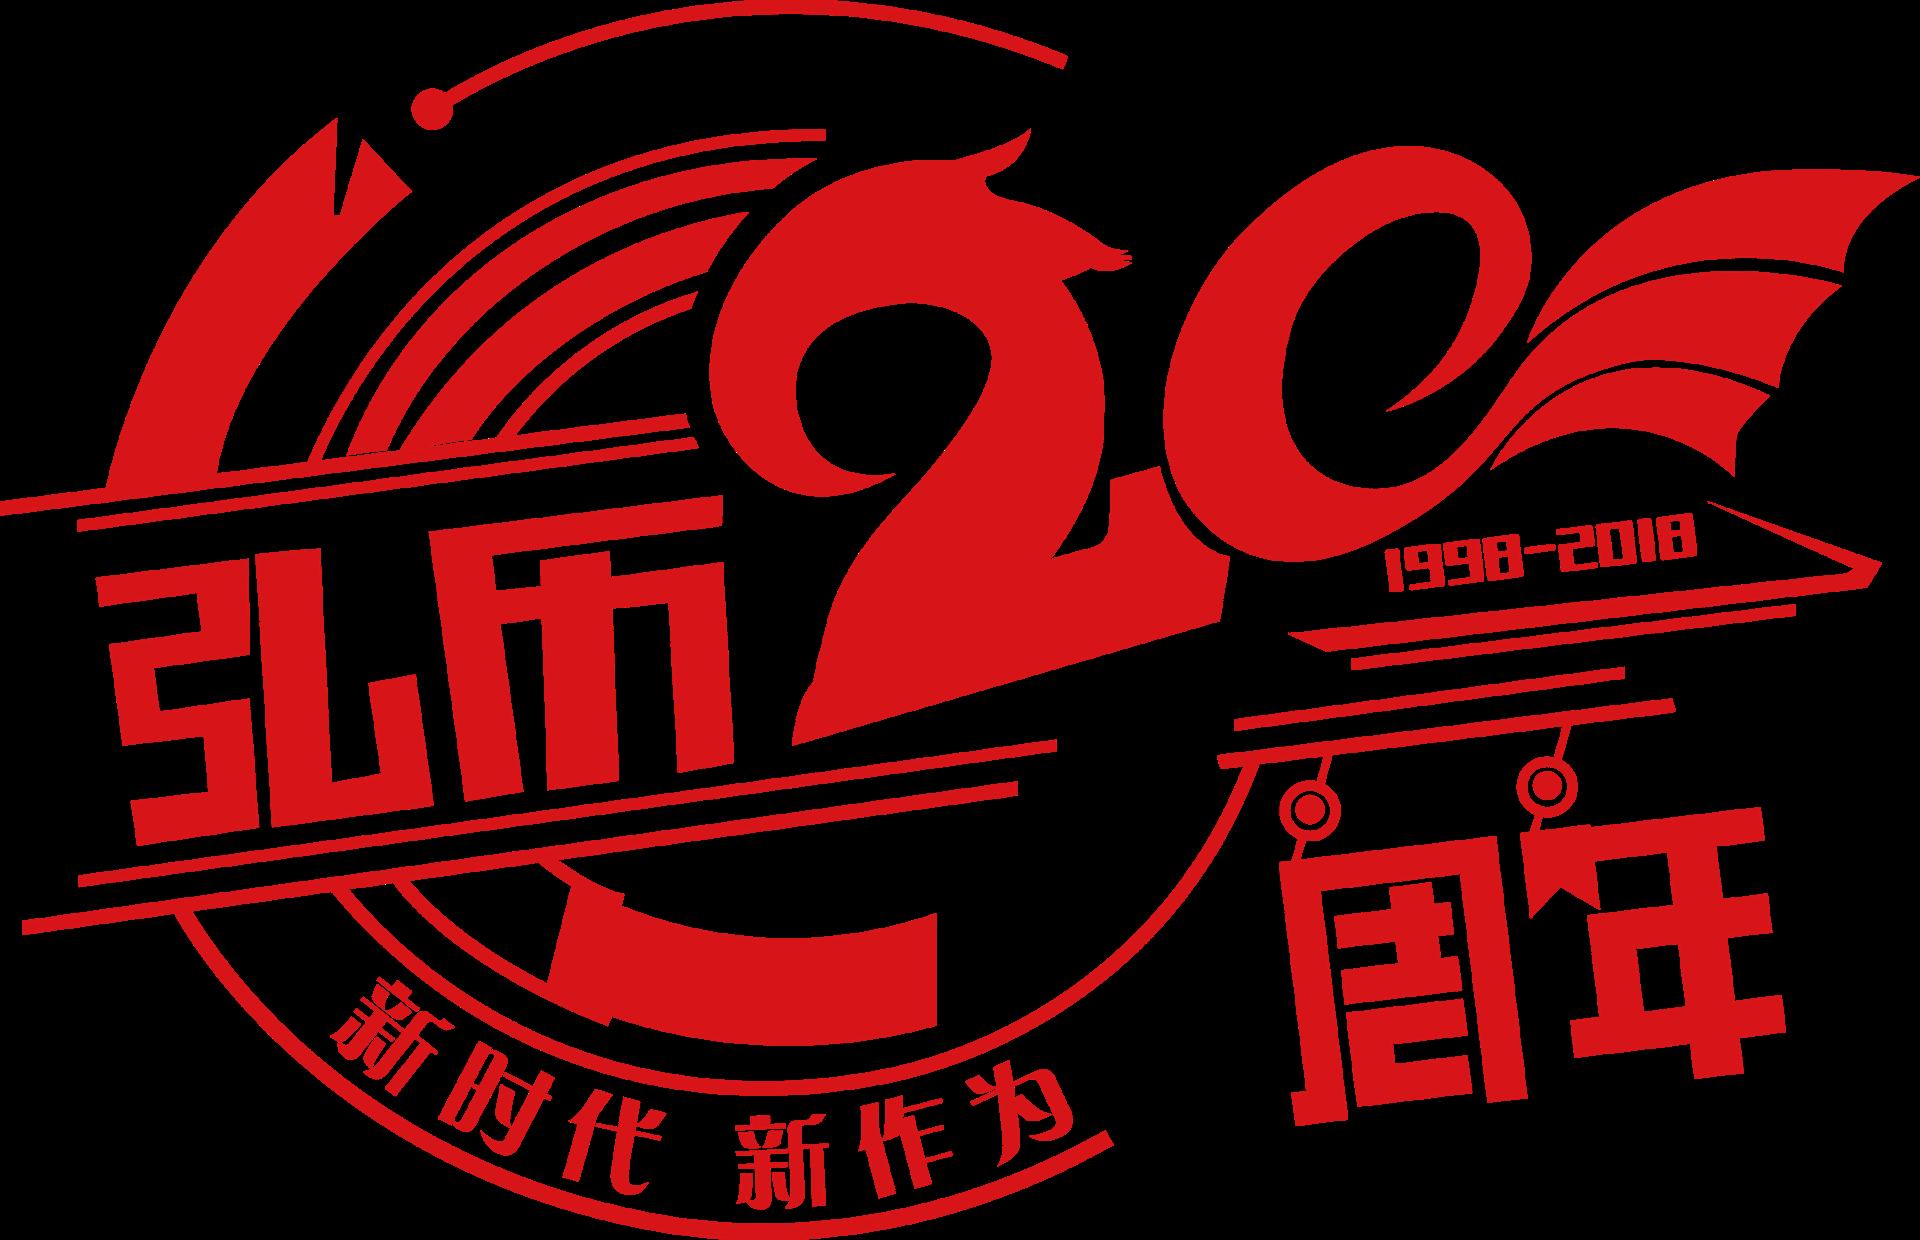 北京弘历软件公�_企业介绍 弘历集团,于1998年成立于北京,2008年走出国门,是一家集软件